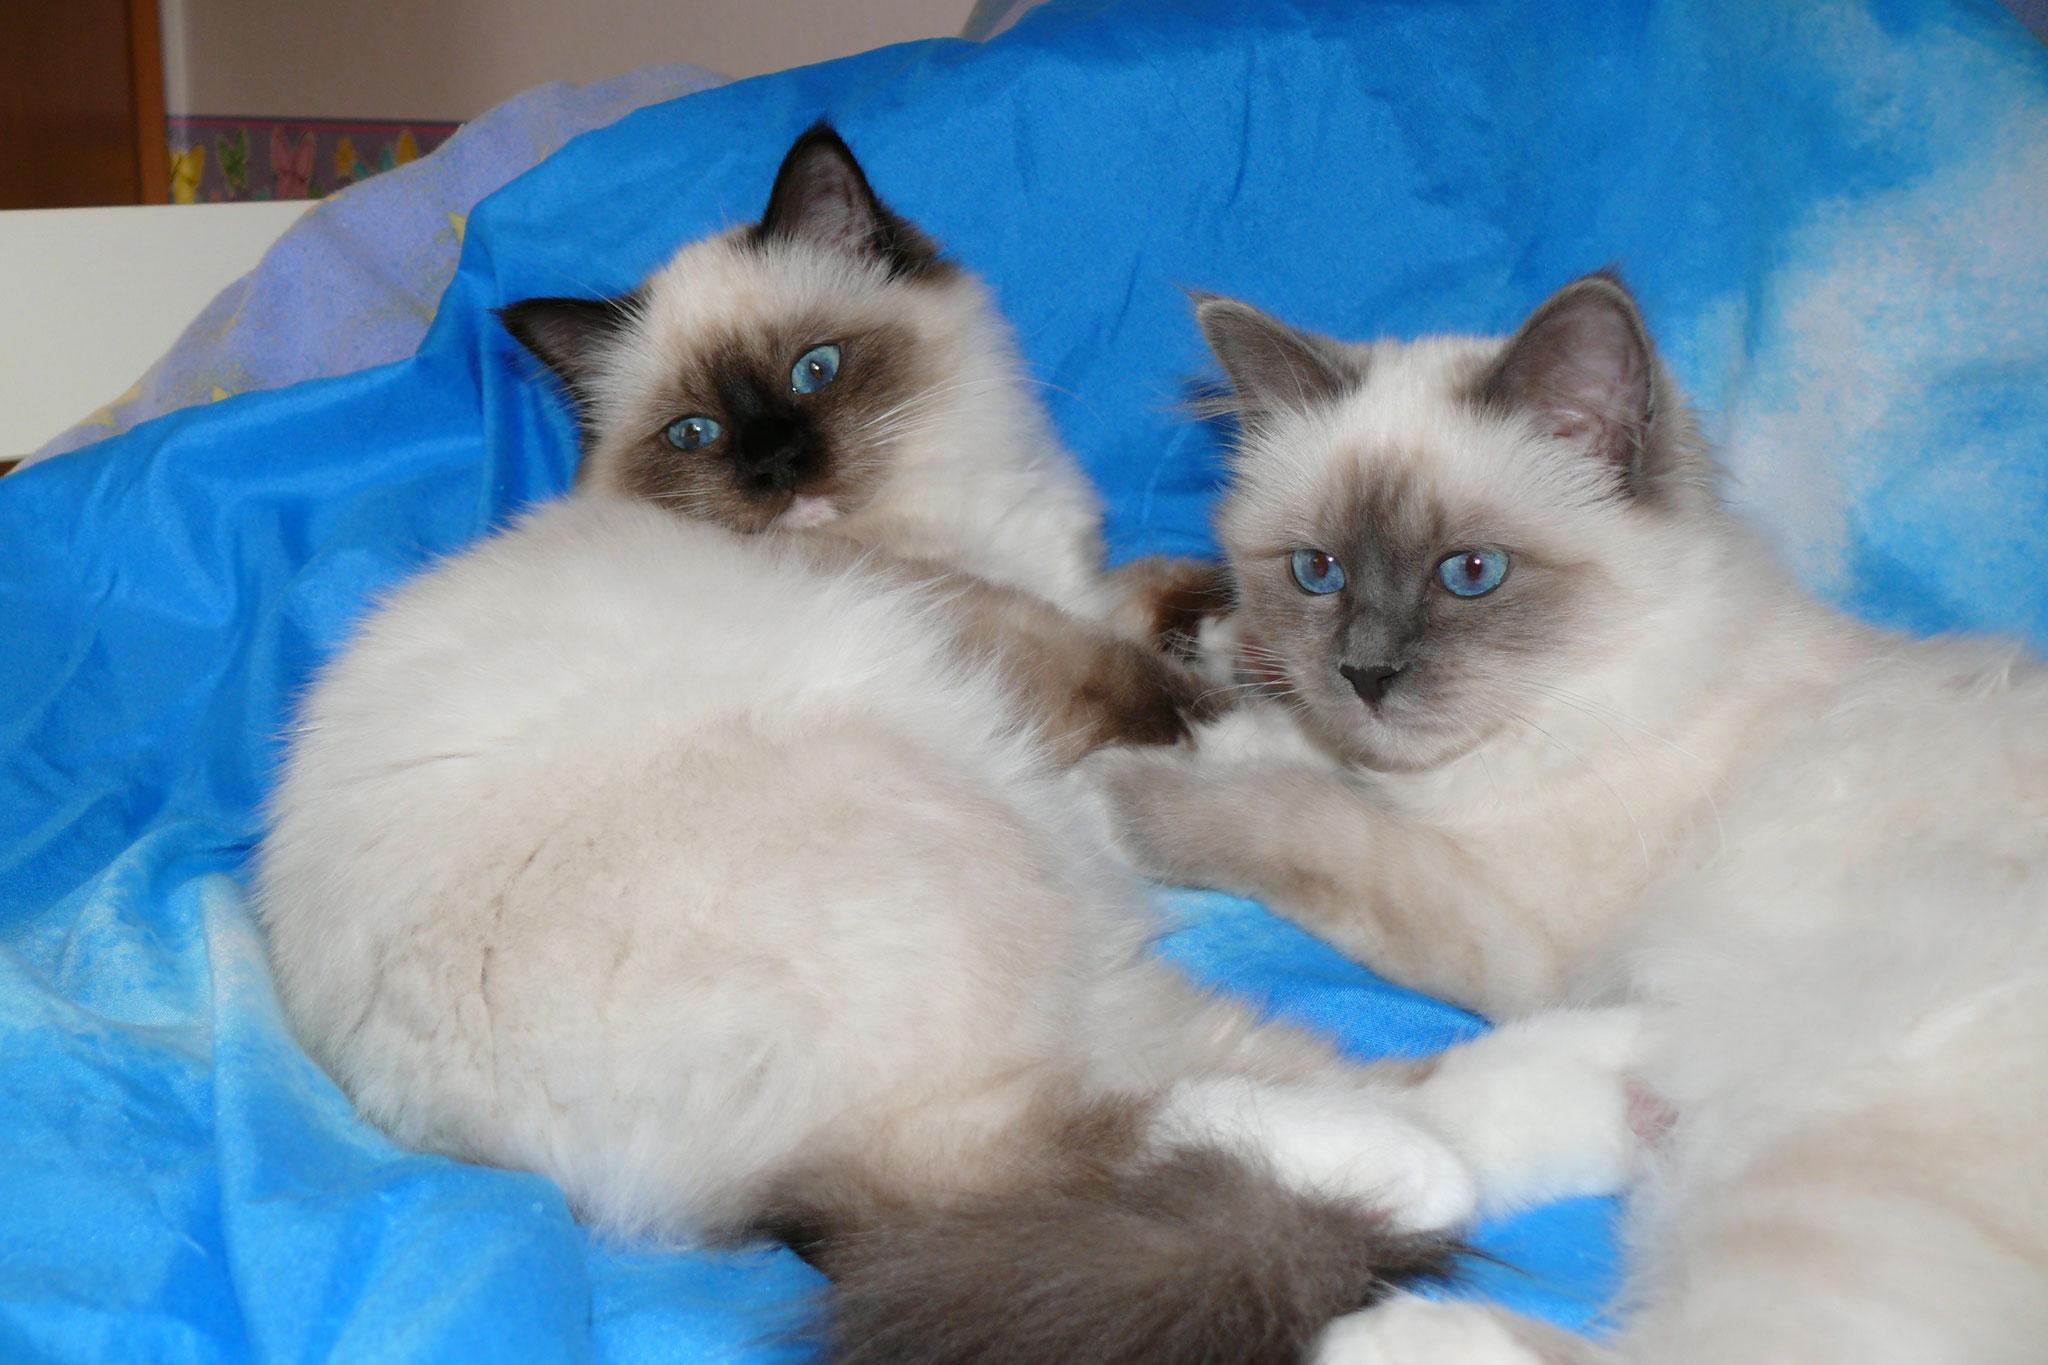 Tookie vom Lilienweg mit ihrem Schwesterheerz Tamia vom Lilienweg, 5 Monate alt